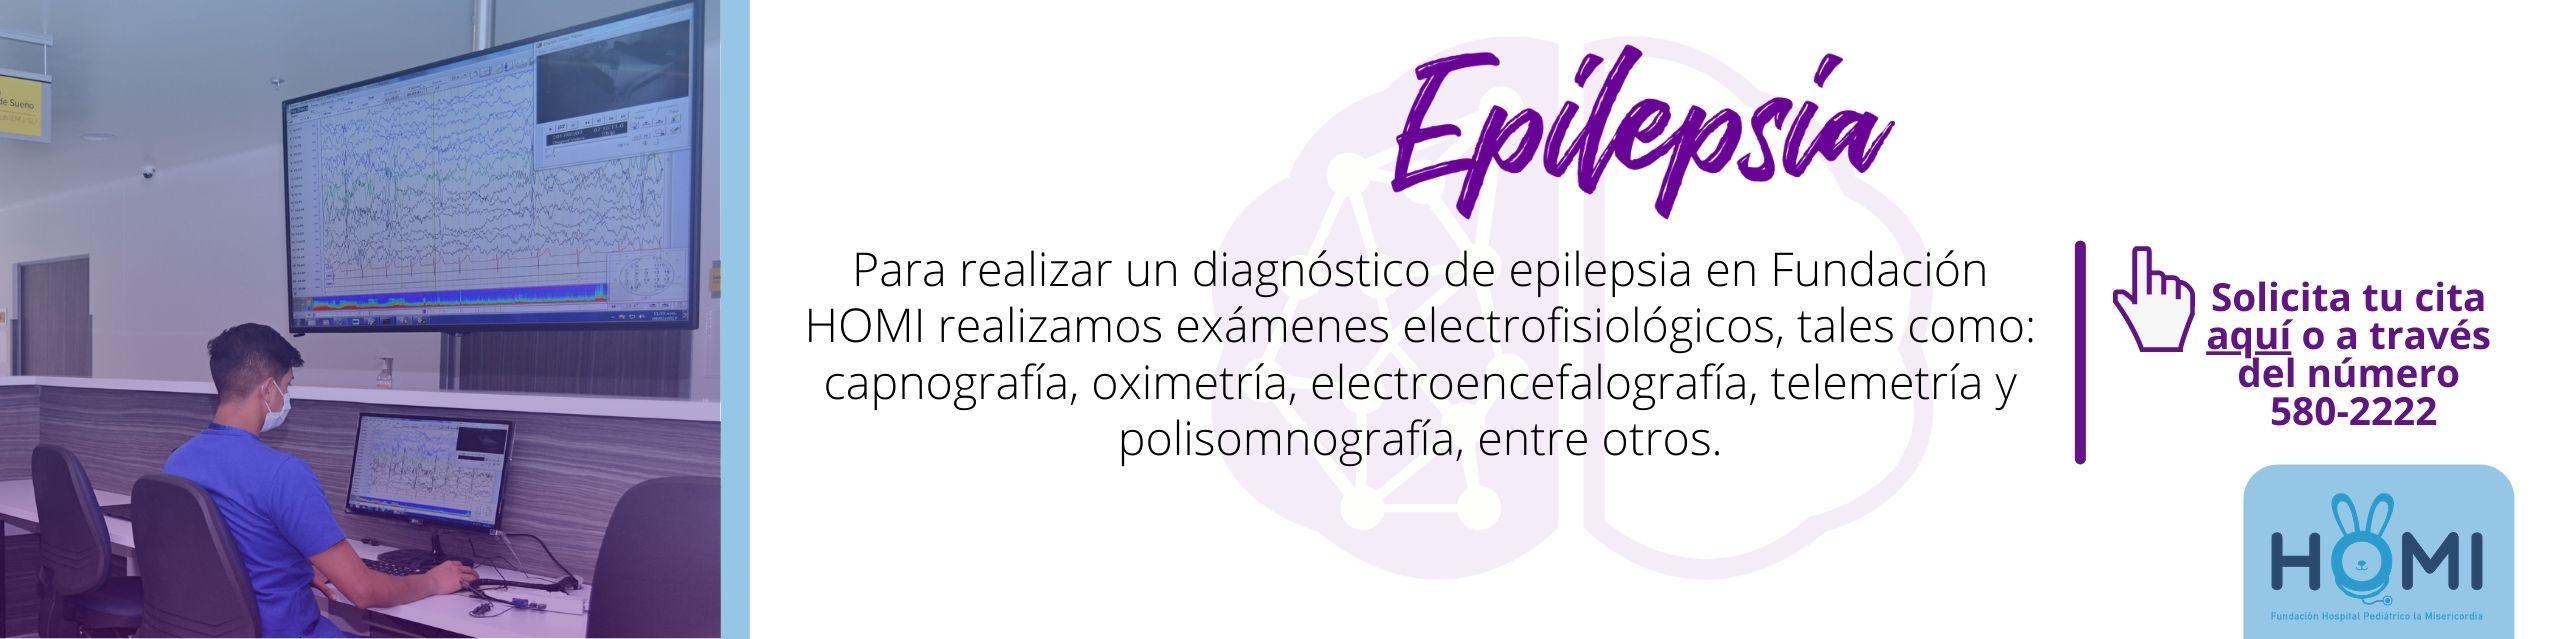 servicio-epilepsia